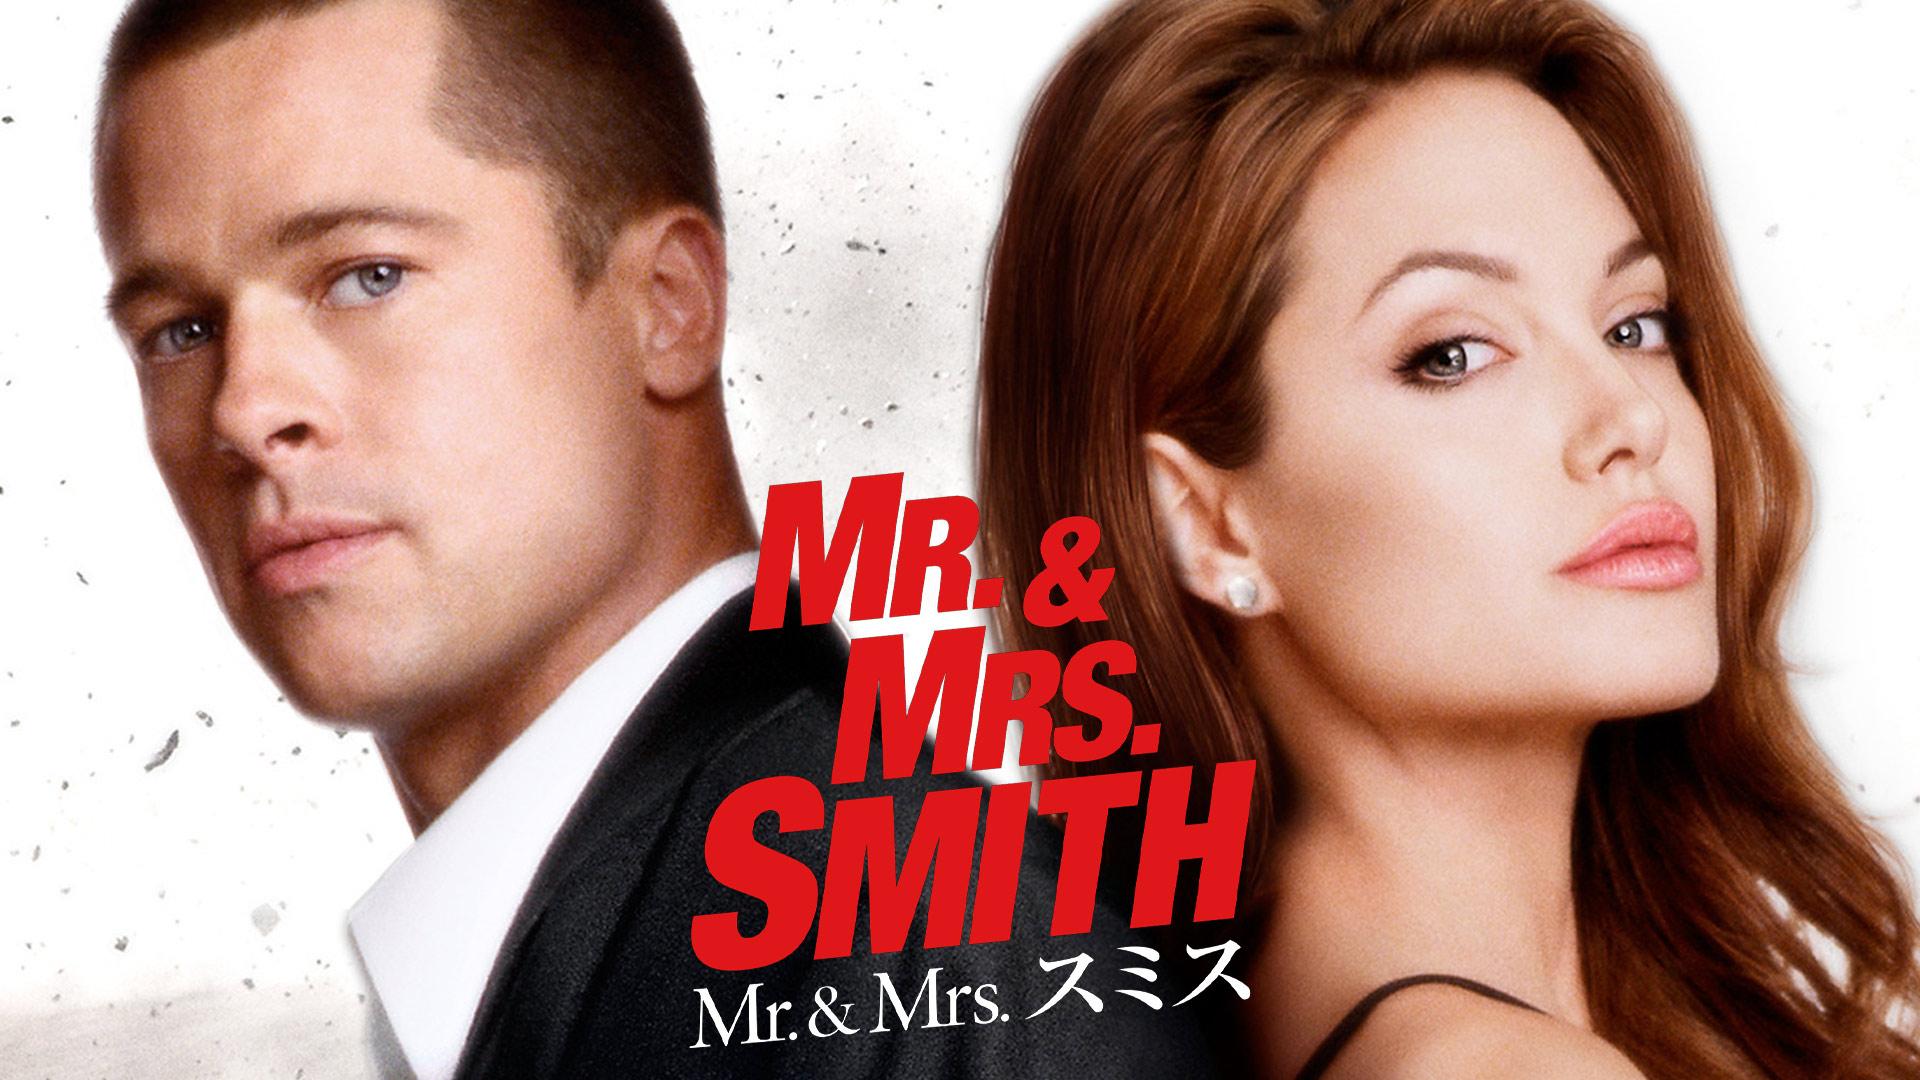 Mr.& Mrs.スミス (吹替版)